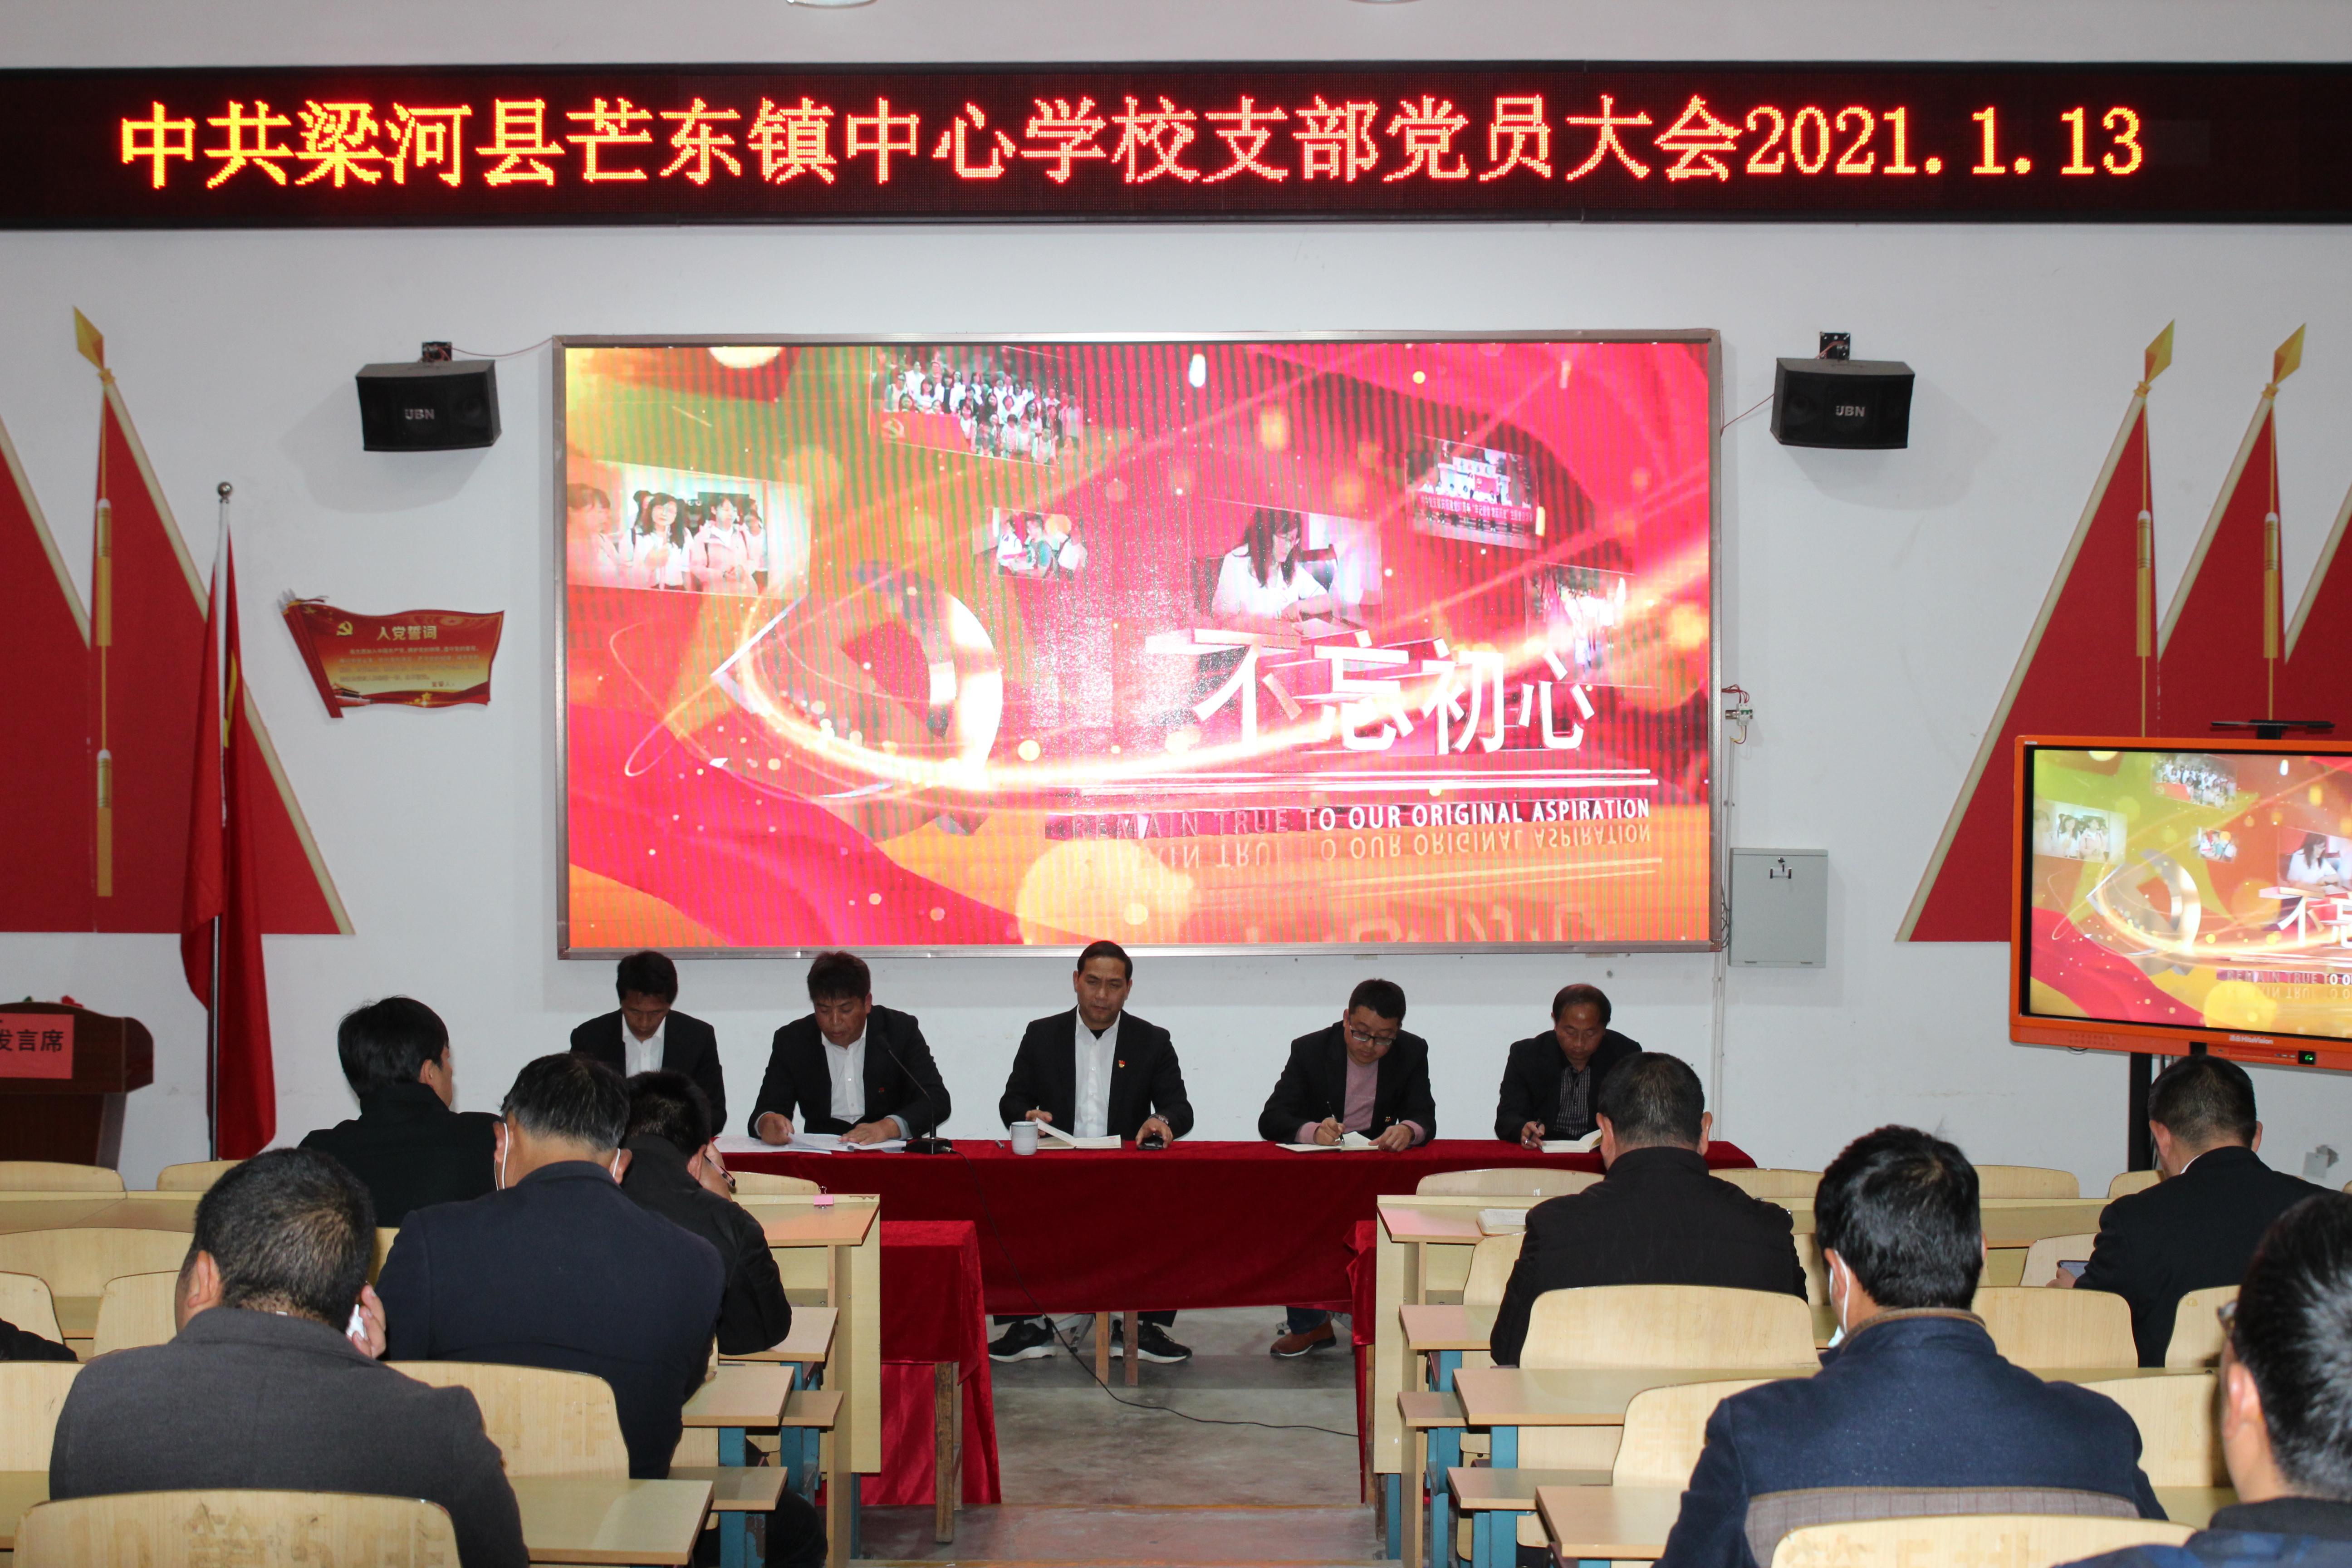 中共梁河县芒东镇中心学校党支部召开2021年第一次党员大会